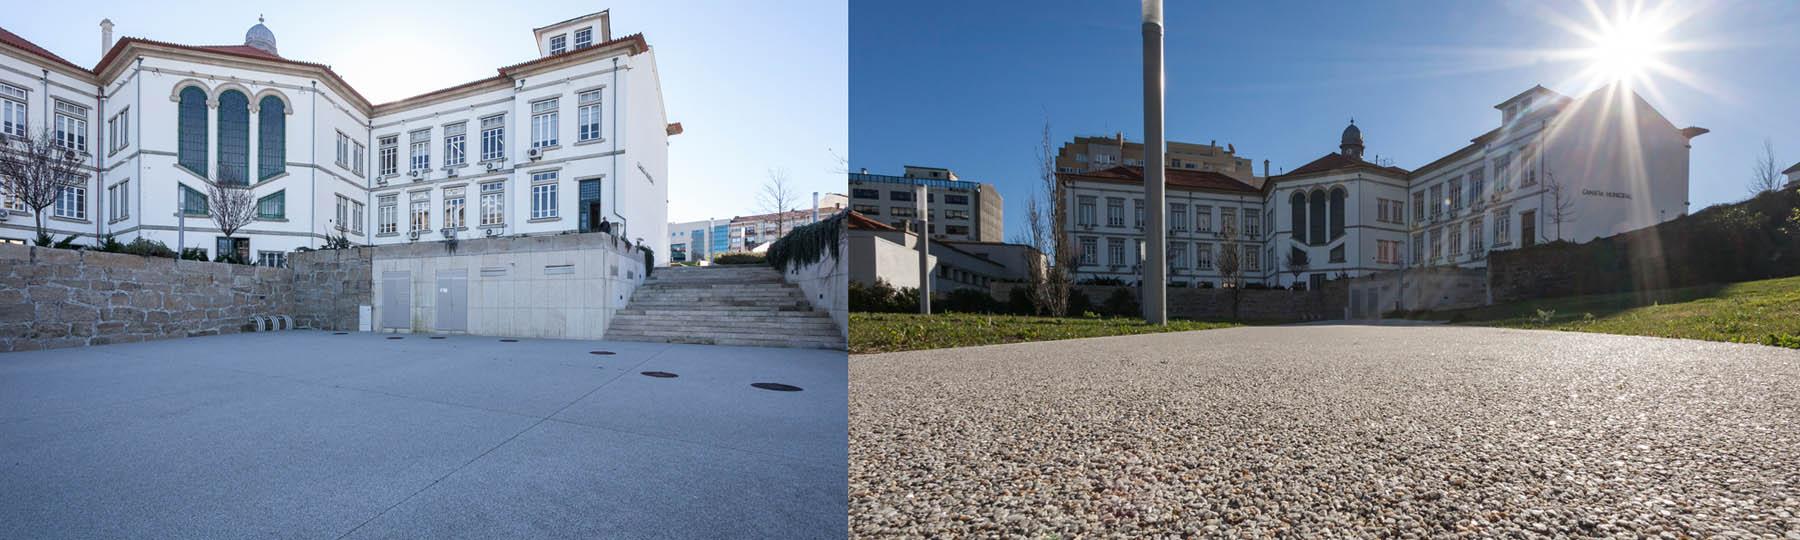 Câmara Municipal de Gaia1